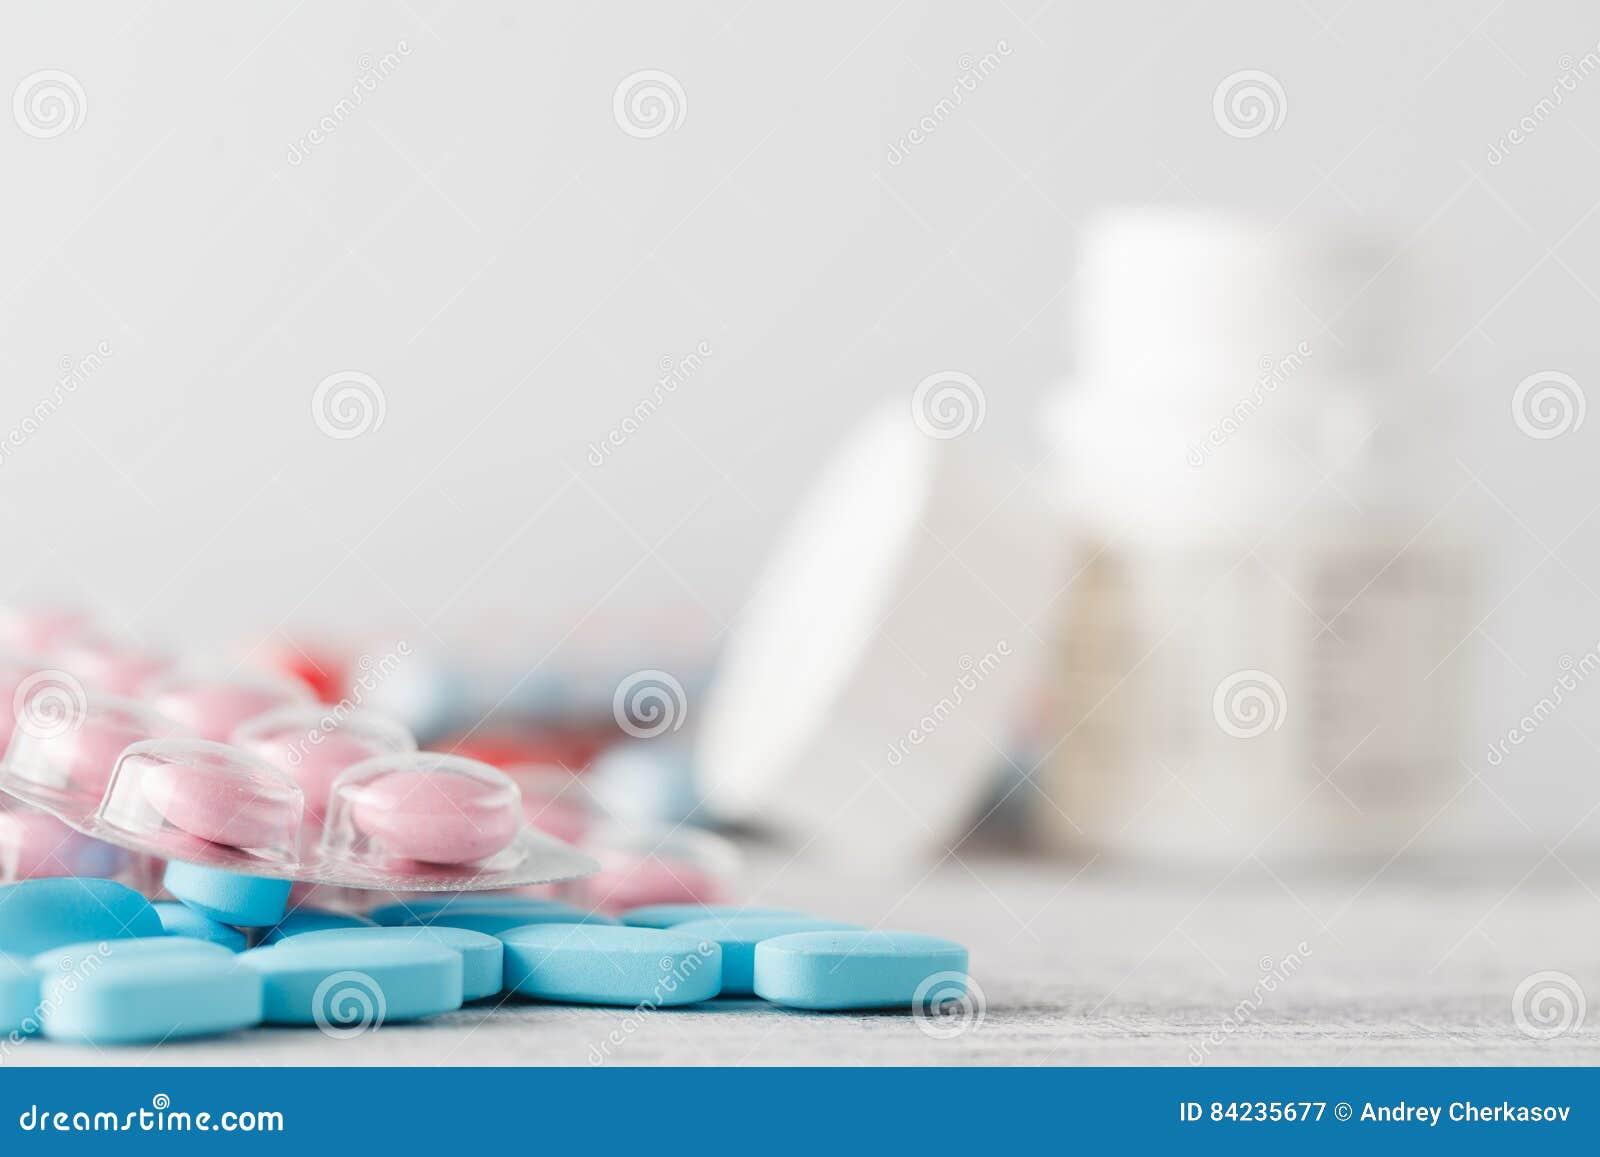 Pila de píldoras médicas en la tabla de madera